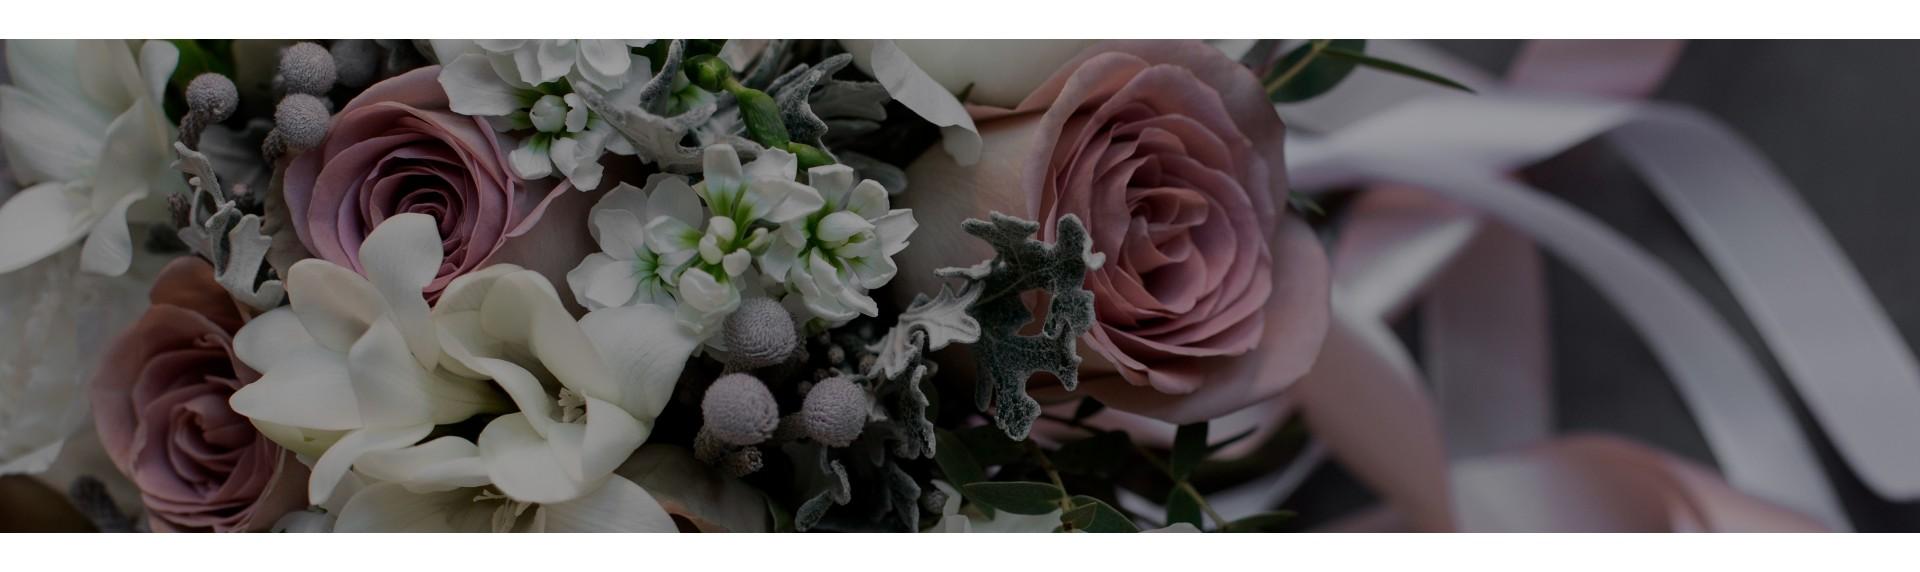 Букеты с классическими розами